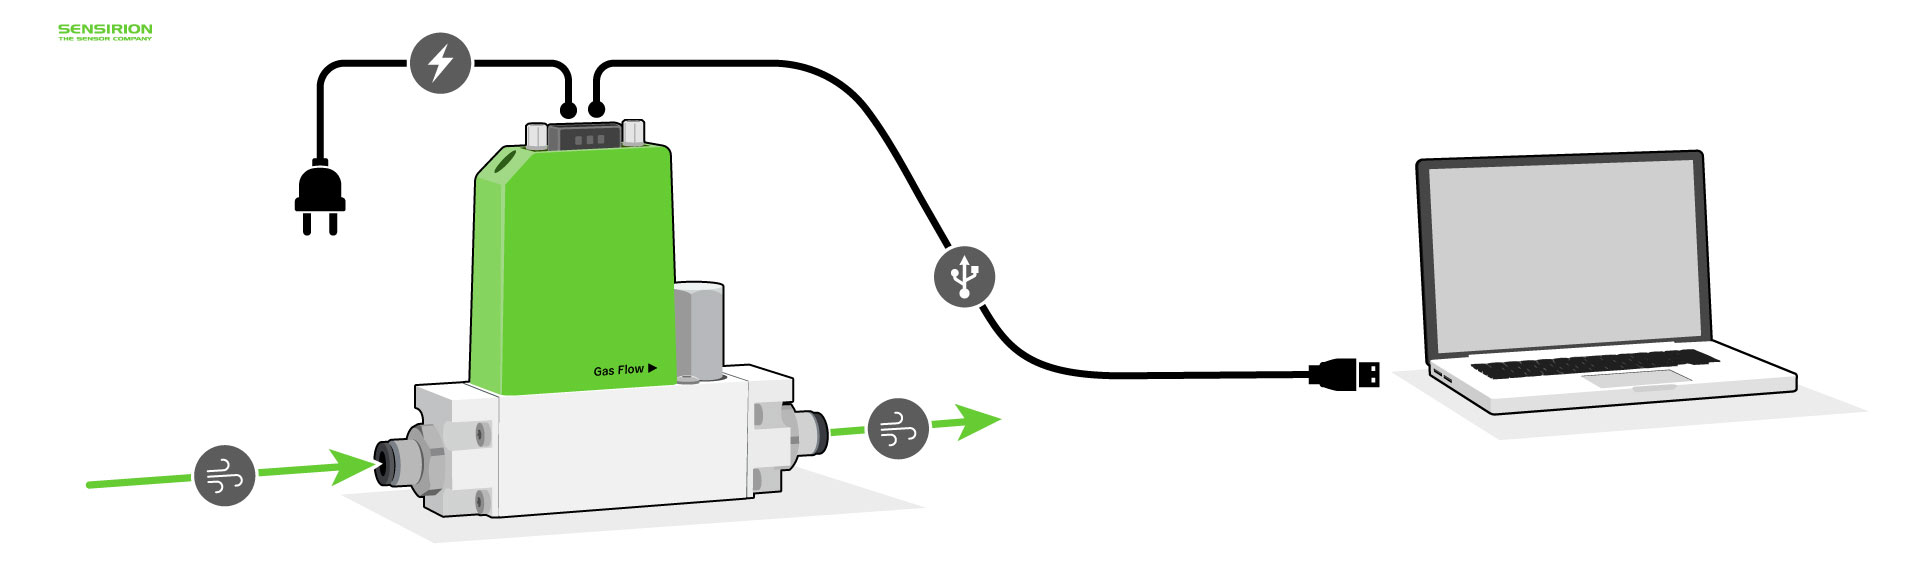 Sensirion_Quick-Start-Guide-MFC-Kit